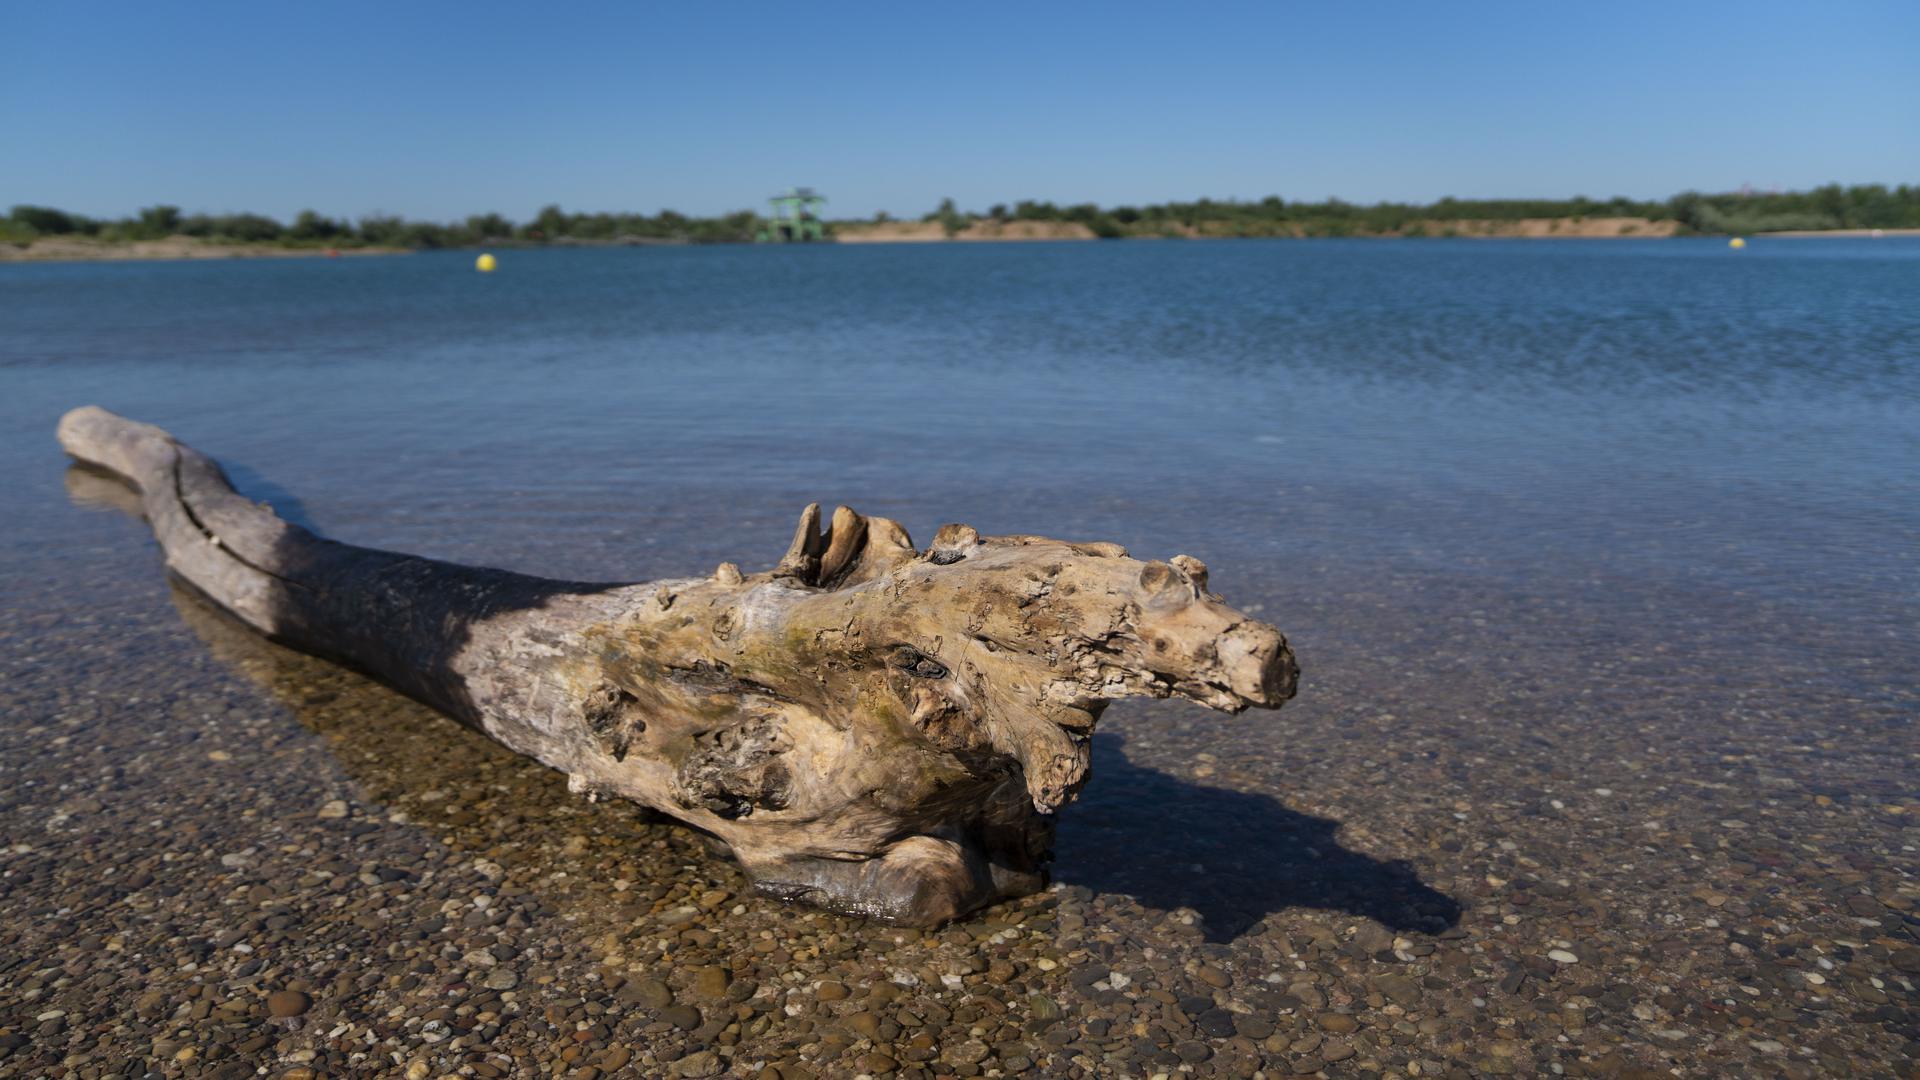 Ein Stück Holz liegt am Ufer des Epplesees.